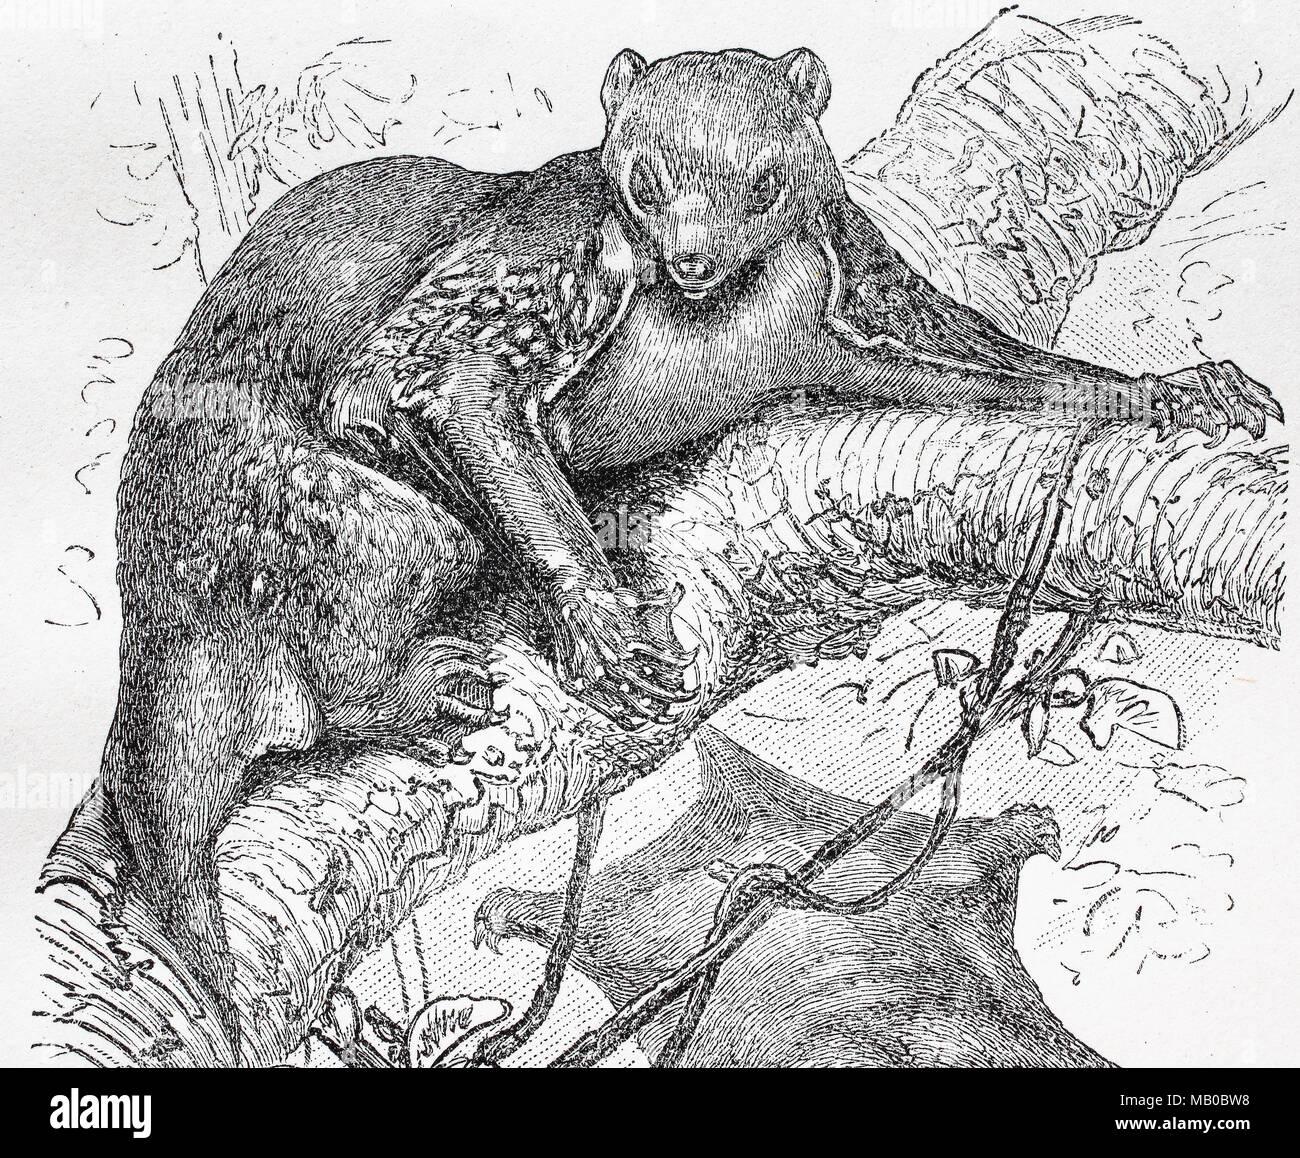 Flattermaki, malaien-gleitflieger oder auch Temminck-Gleitflieger, Cynocephalus variegatus, Galeopterus variegatus, Sunda Flying Lemur, digital verbesserte Reproduktion einer Vorlage drucken aus dem Jahr 1895 Stockbild